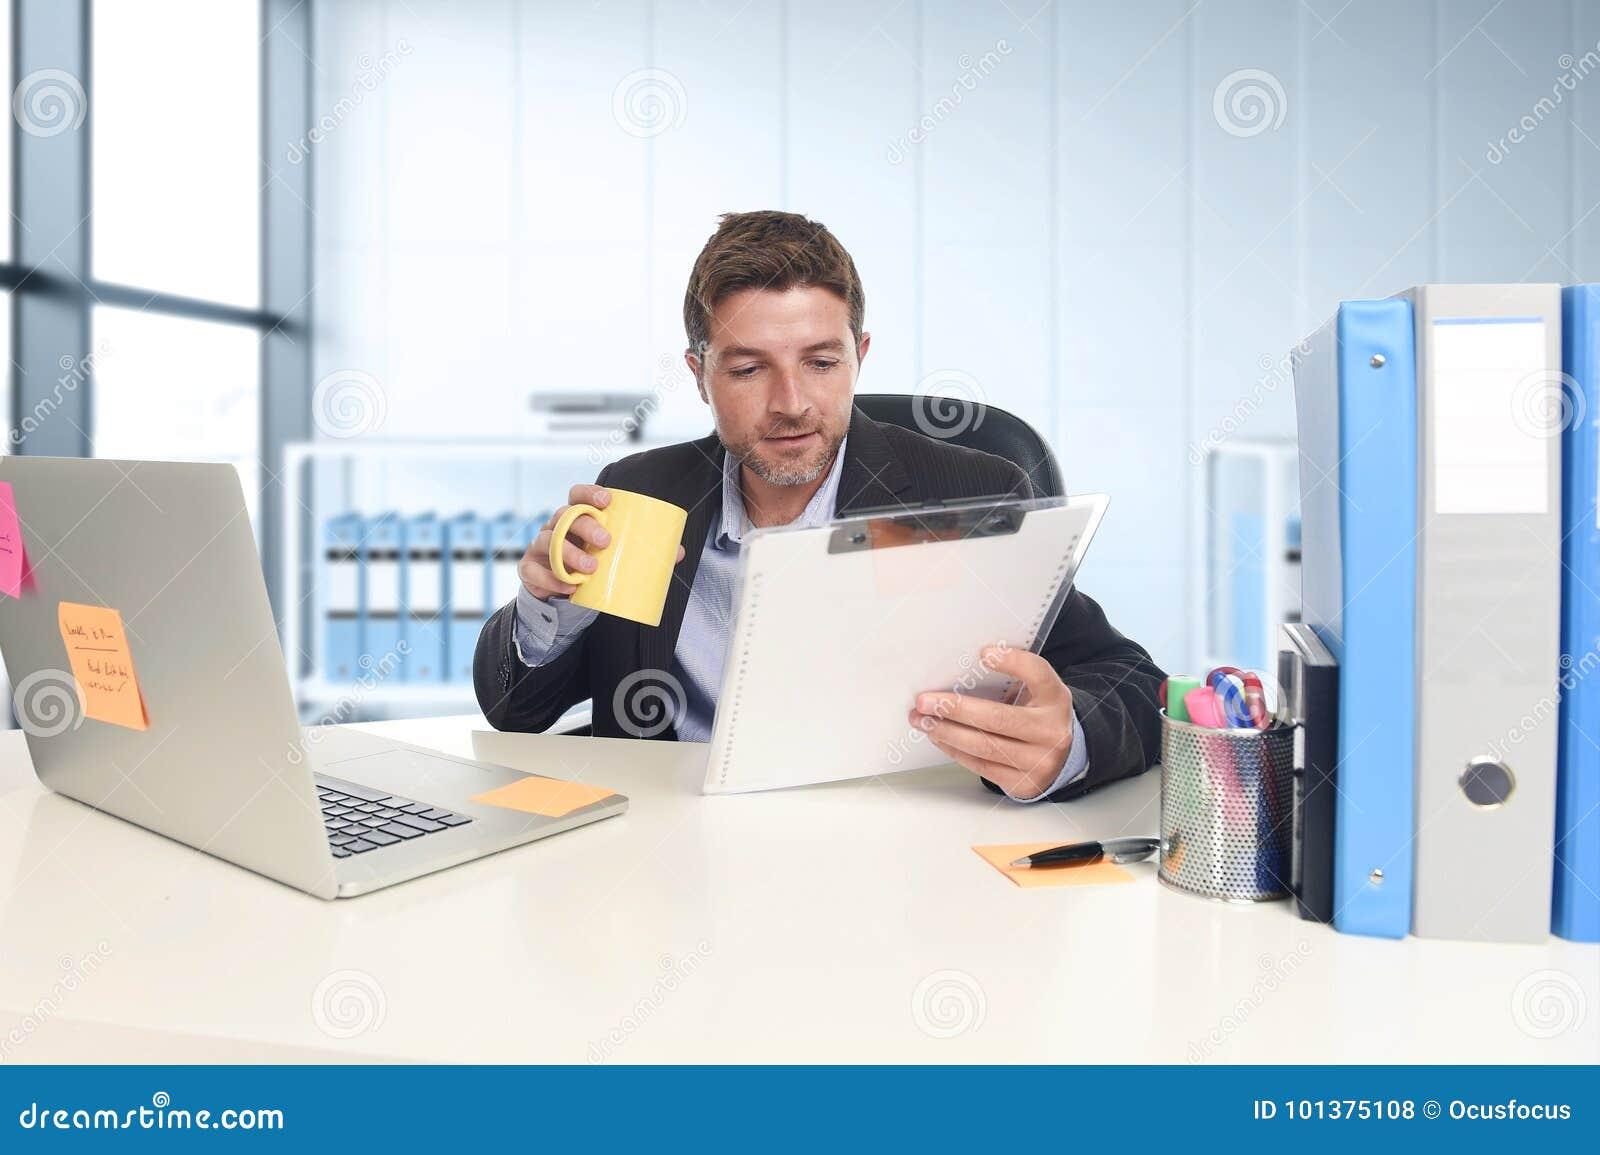 Jonge aantrekkelijke zakenman die gelukkige zeker werken op kantoor met laptop computer en administratie